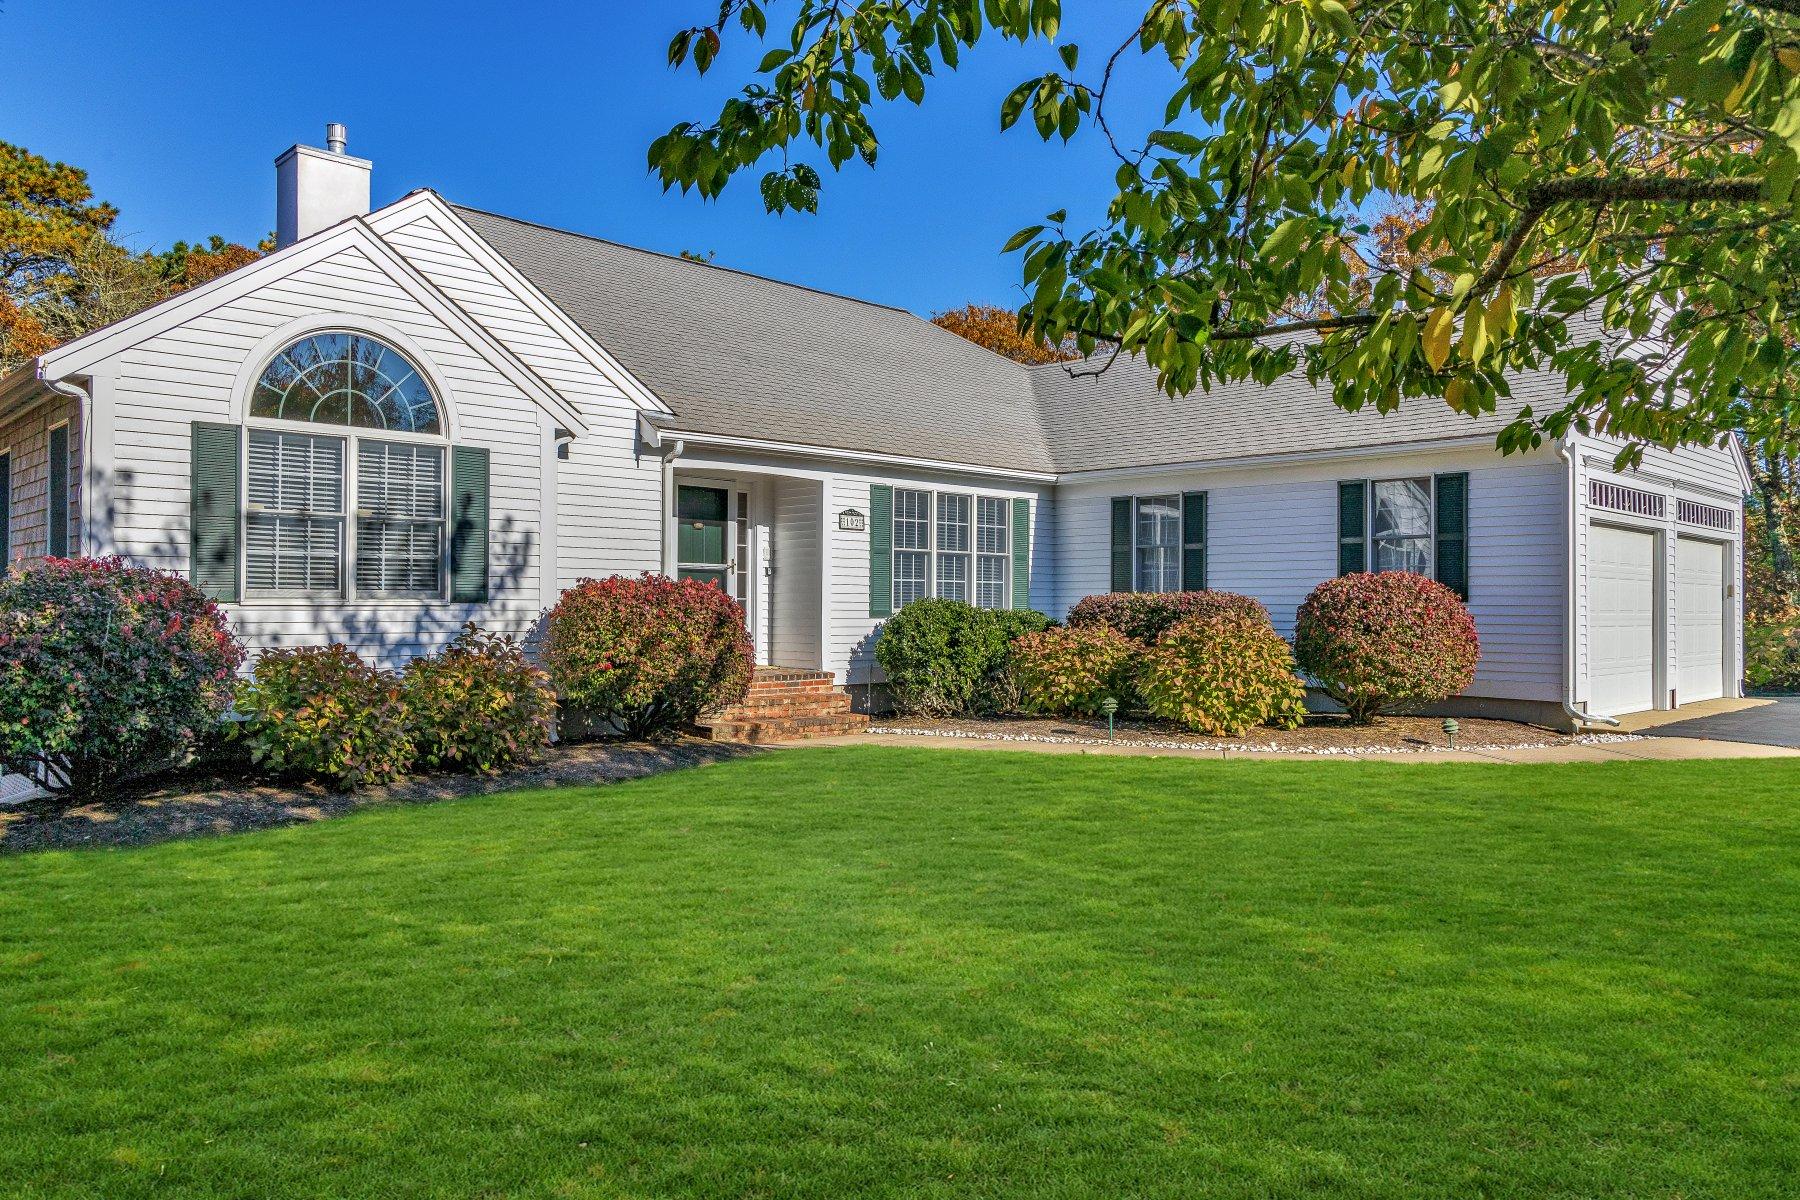 Single Family Homes για την Πώληση στο 102 Courtney Way, Harwich 102 Courtney Rd, Harwich, Μασαχουσετη 02645 Ηνωμένες Πολιτείες